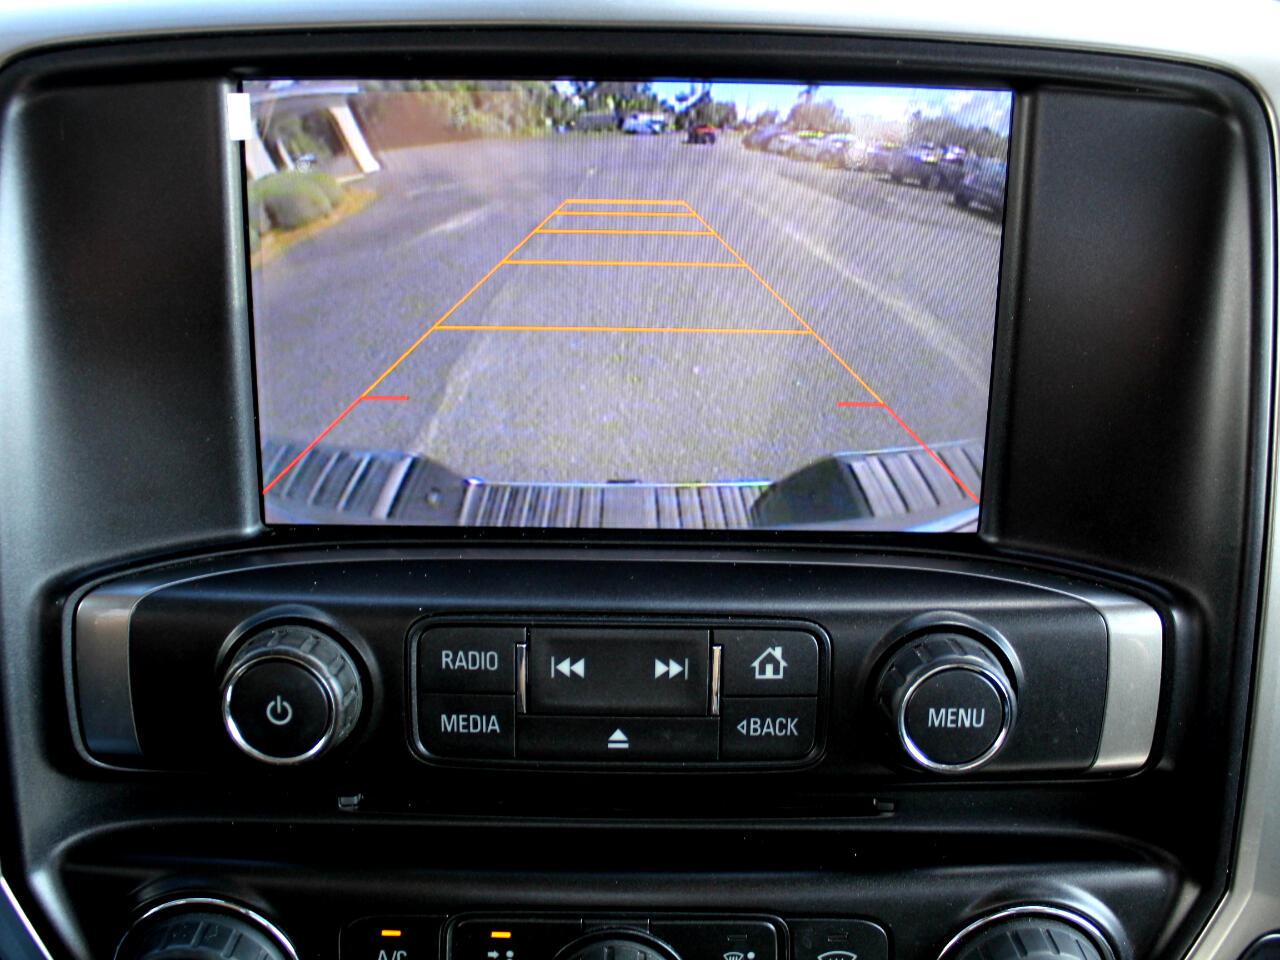 2015 Chevrolet Silverado 1500 LT Crew Cab 4WD